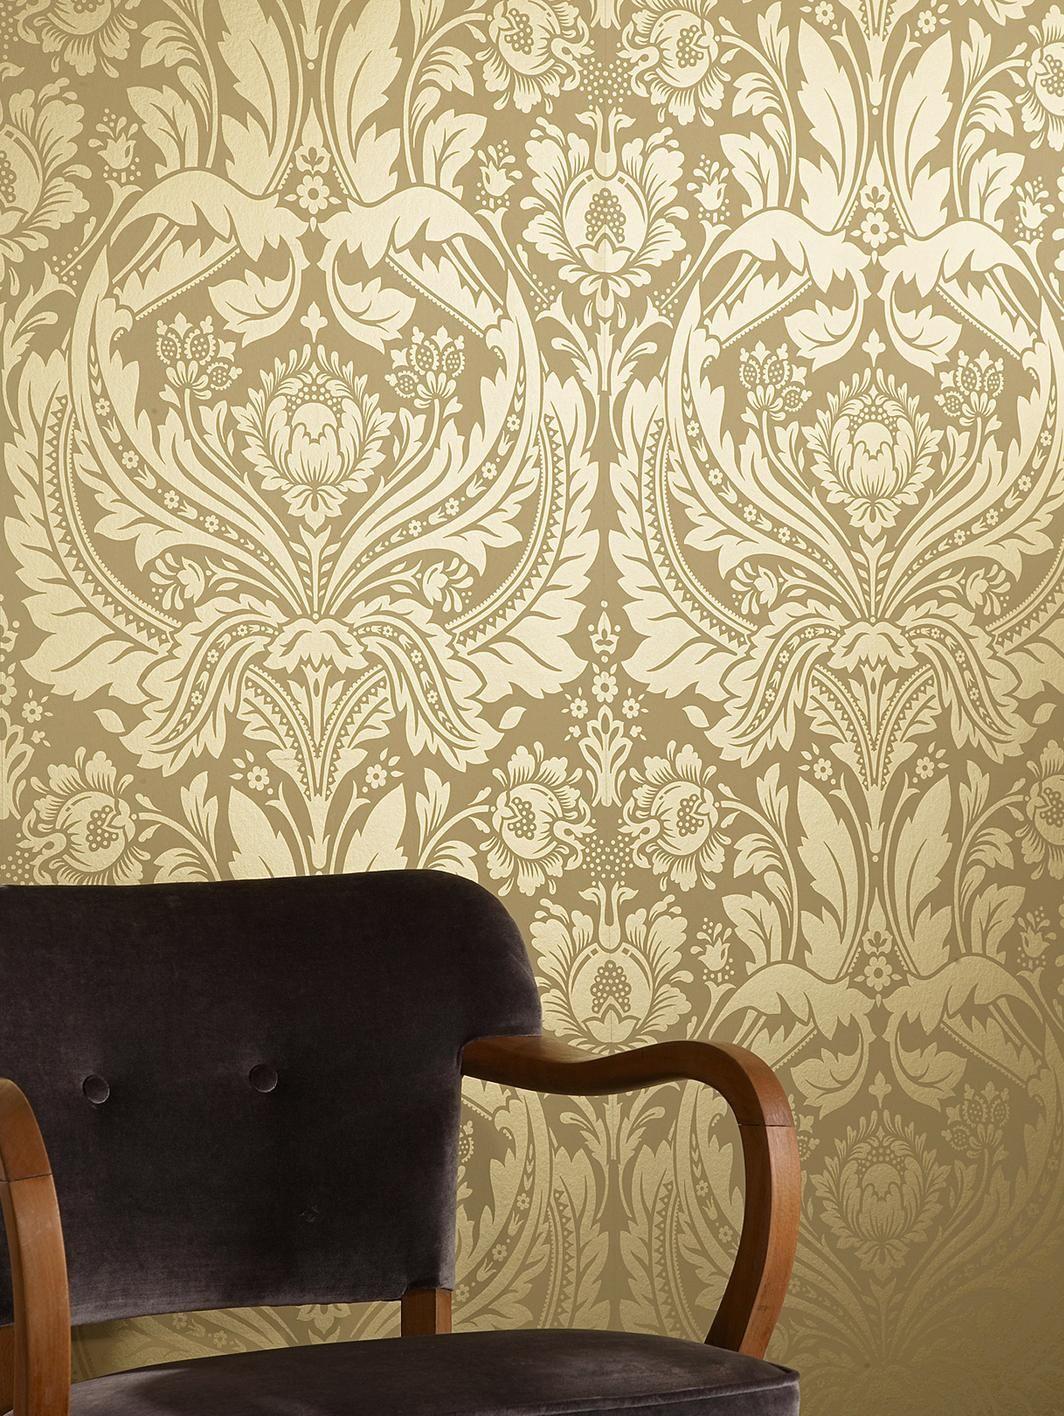 Desire Wallpaper - Mustard/Gold, http://www.very.co.uk/graham-brown-desire-wallpaper-mustardgold/772770614.prd